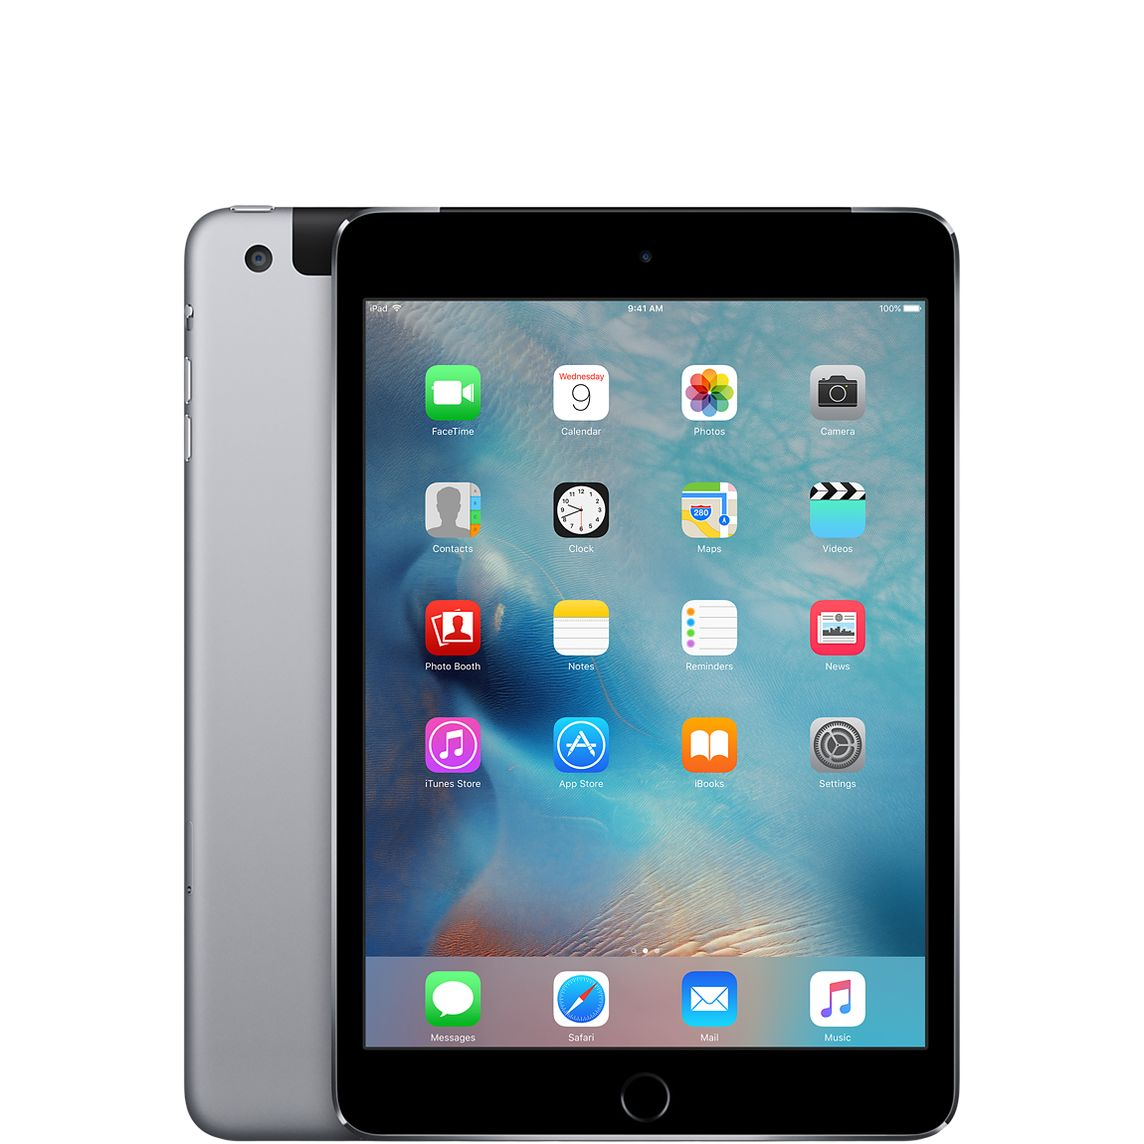 Refurbished iPad mini 4 Wi-Fi + Cellular 16GB - Space Grey